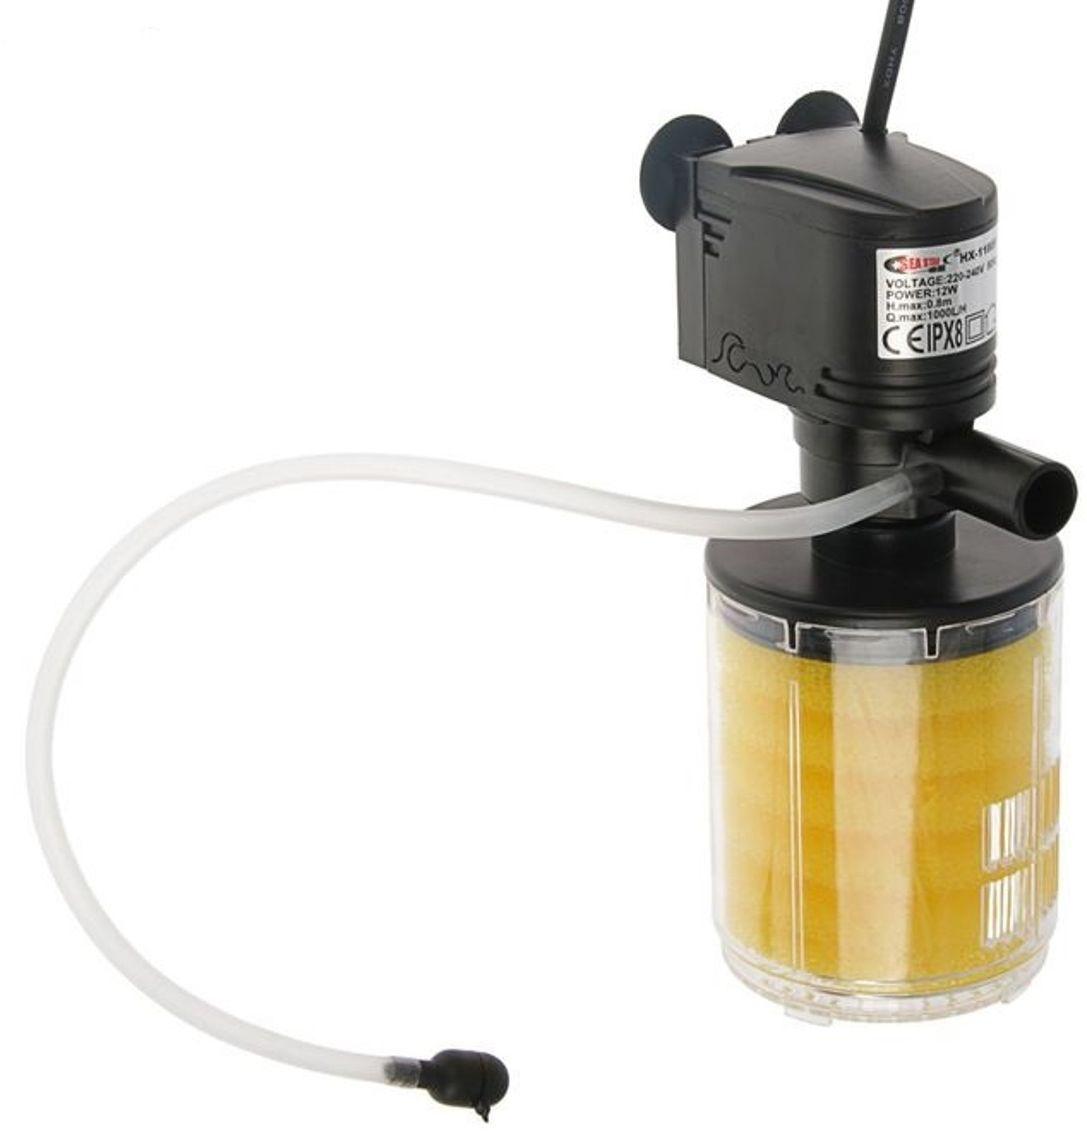 Фильтр камерный для аквариума Sea Star HX-1180F, 12W, 1000 л/ч0120710SEA STAR Камерный фильтр HX-1180F 12W 1000 л/ч